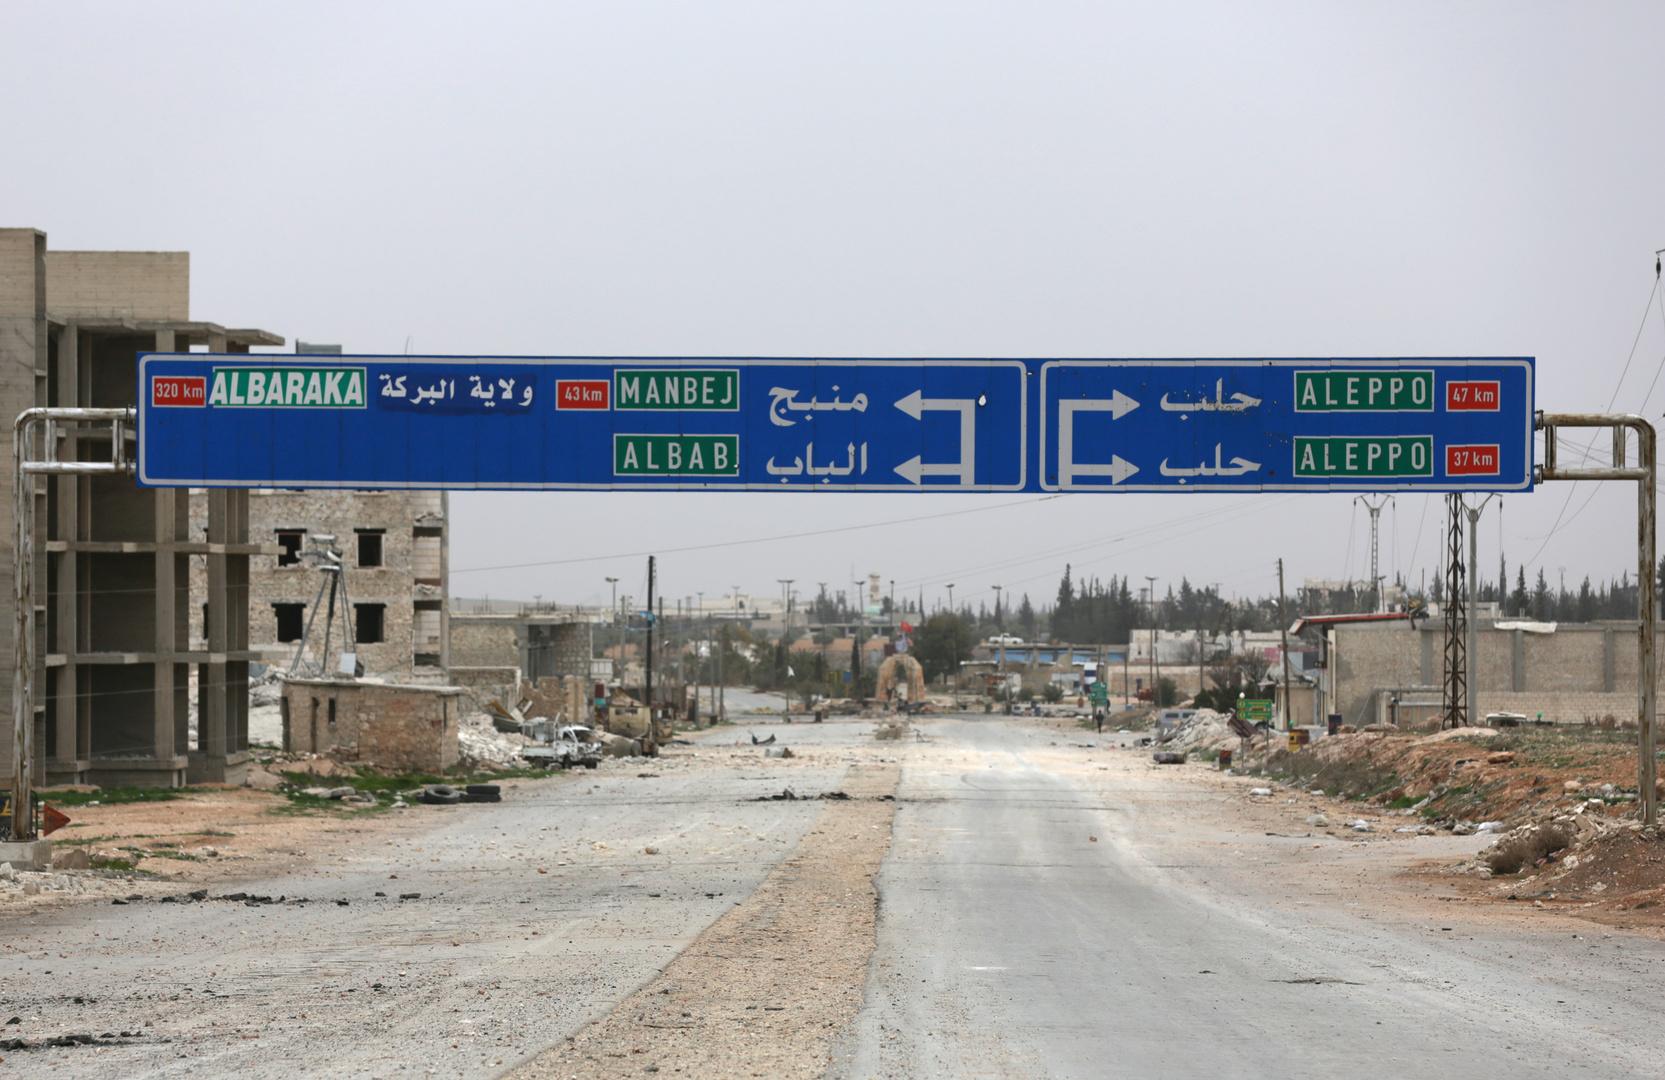 إصابات بتفجيرين متتاليين في مدينة منبج السورية، صورة من الأرشيف